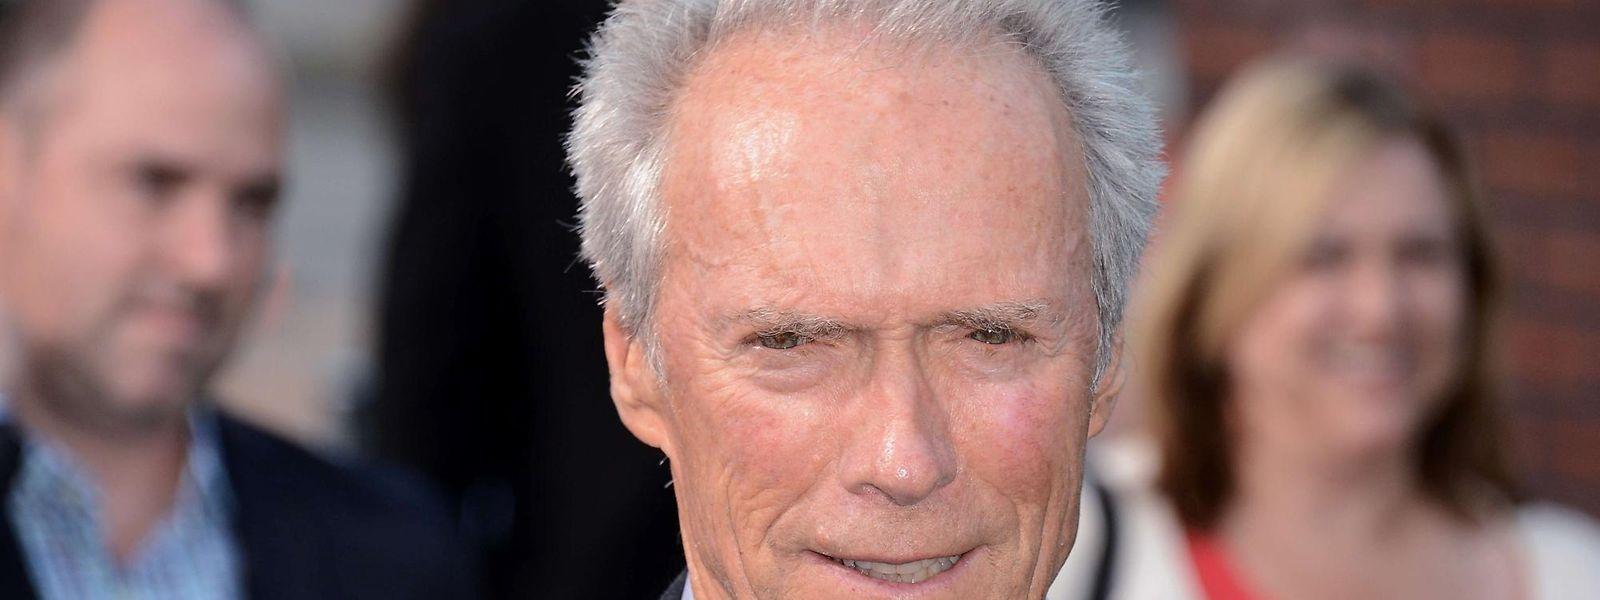 Der Mann, der von Schwimmlehrer bis Bürgermeister schon fast alles war, feiert nun seinen 85. Geburtstag: Clint Eastwood.